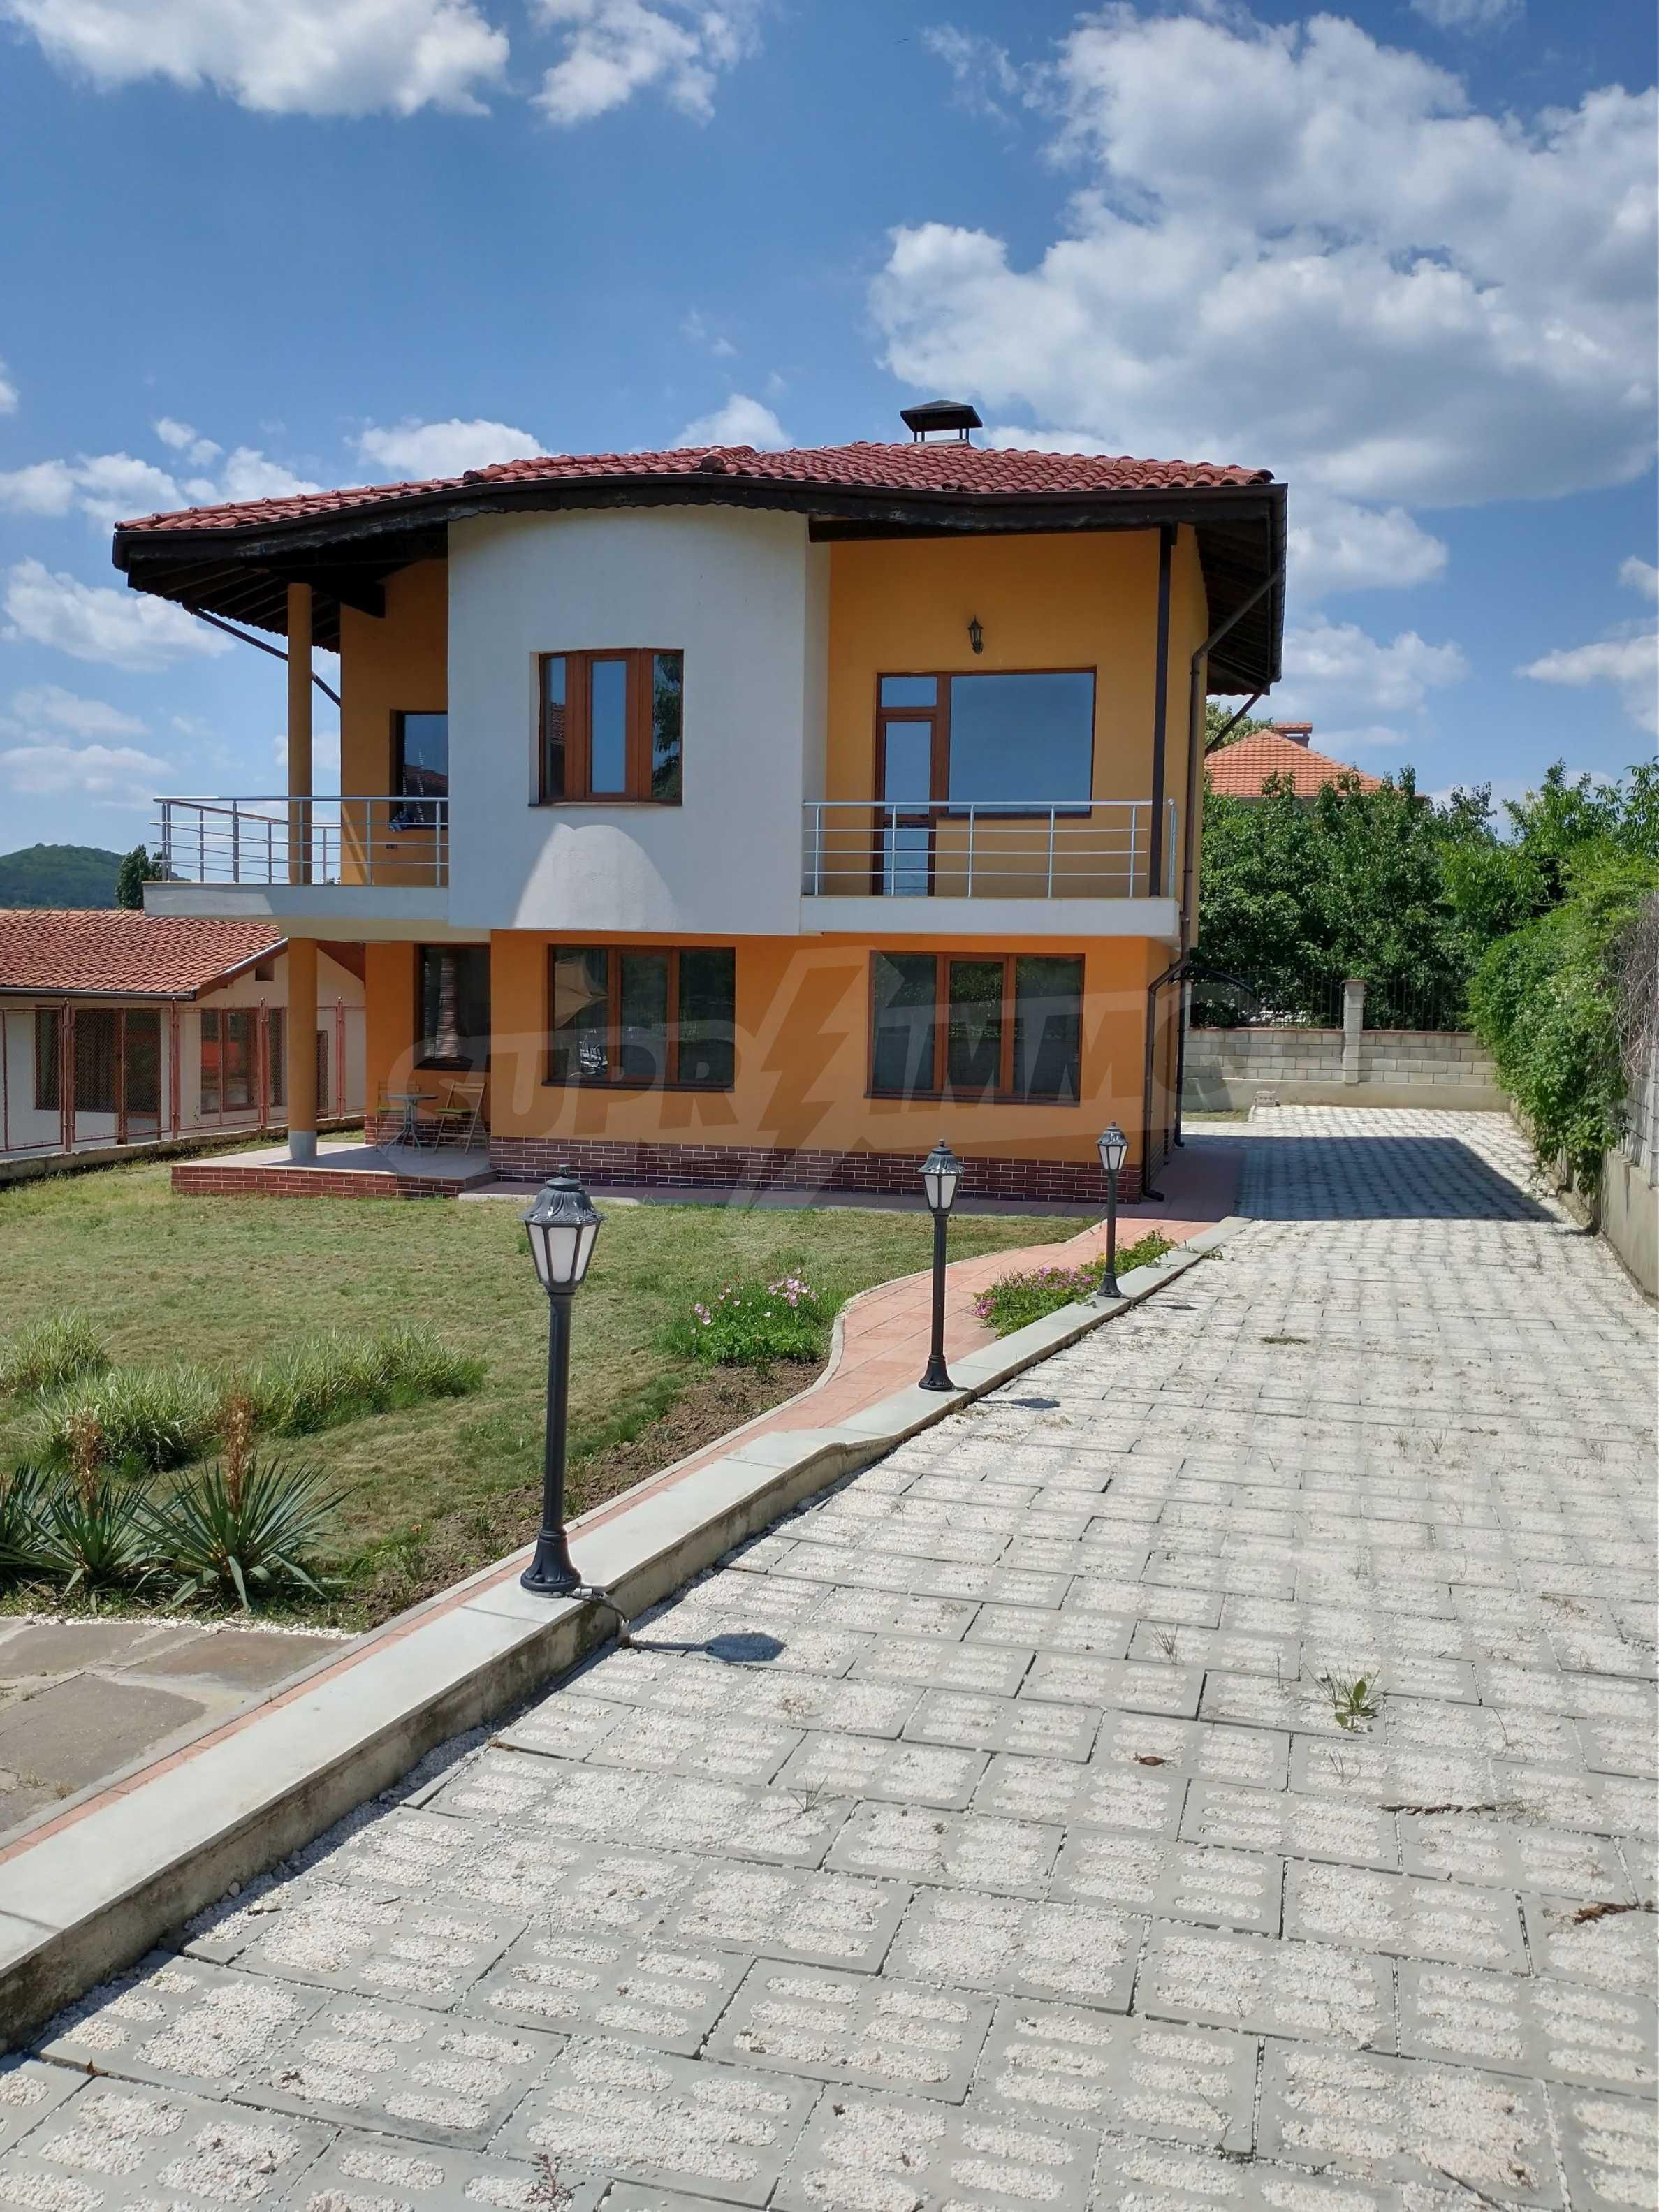 The Orange House 20